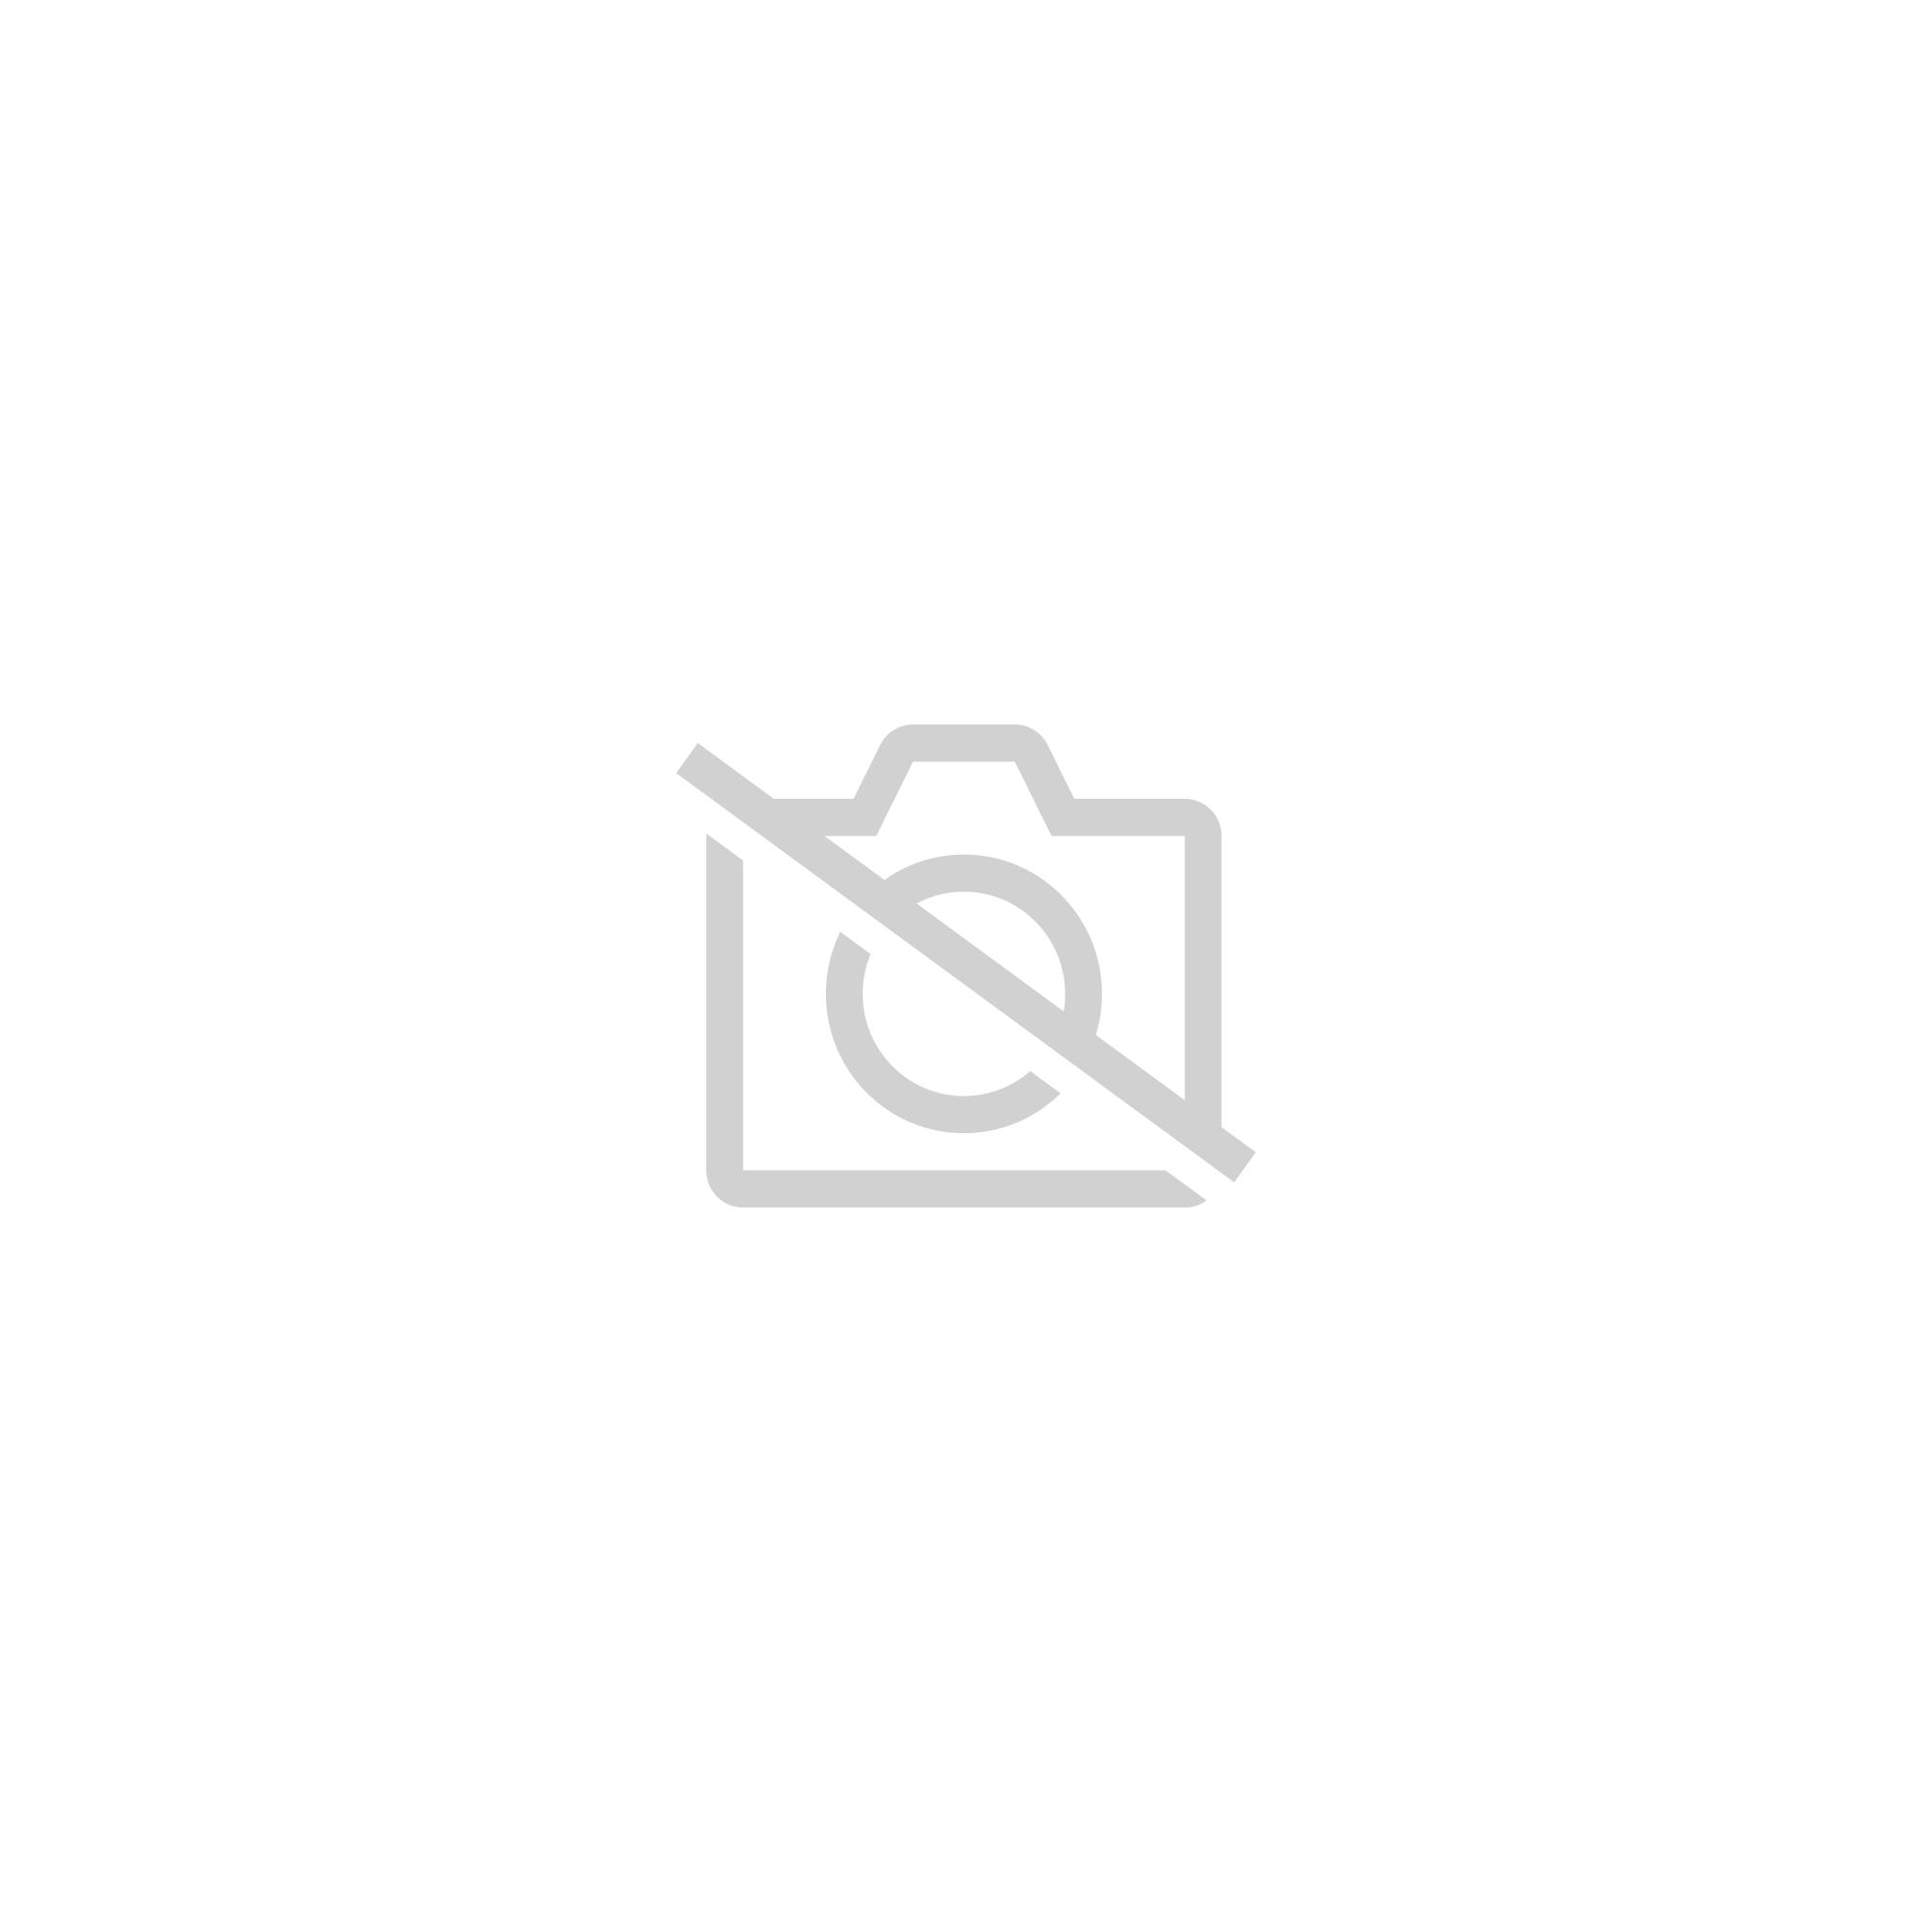 0.87 ''Oled Montre Intelligente Pression Artérielle/Moniteur De Fréquence Cardiaque Fitness Bracelet Android Ios Smart Bracelet Smartwatch Pk Mi Bande 2